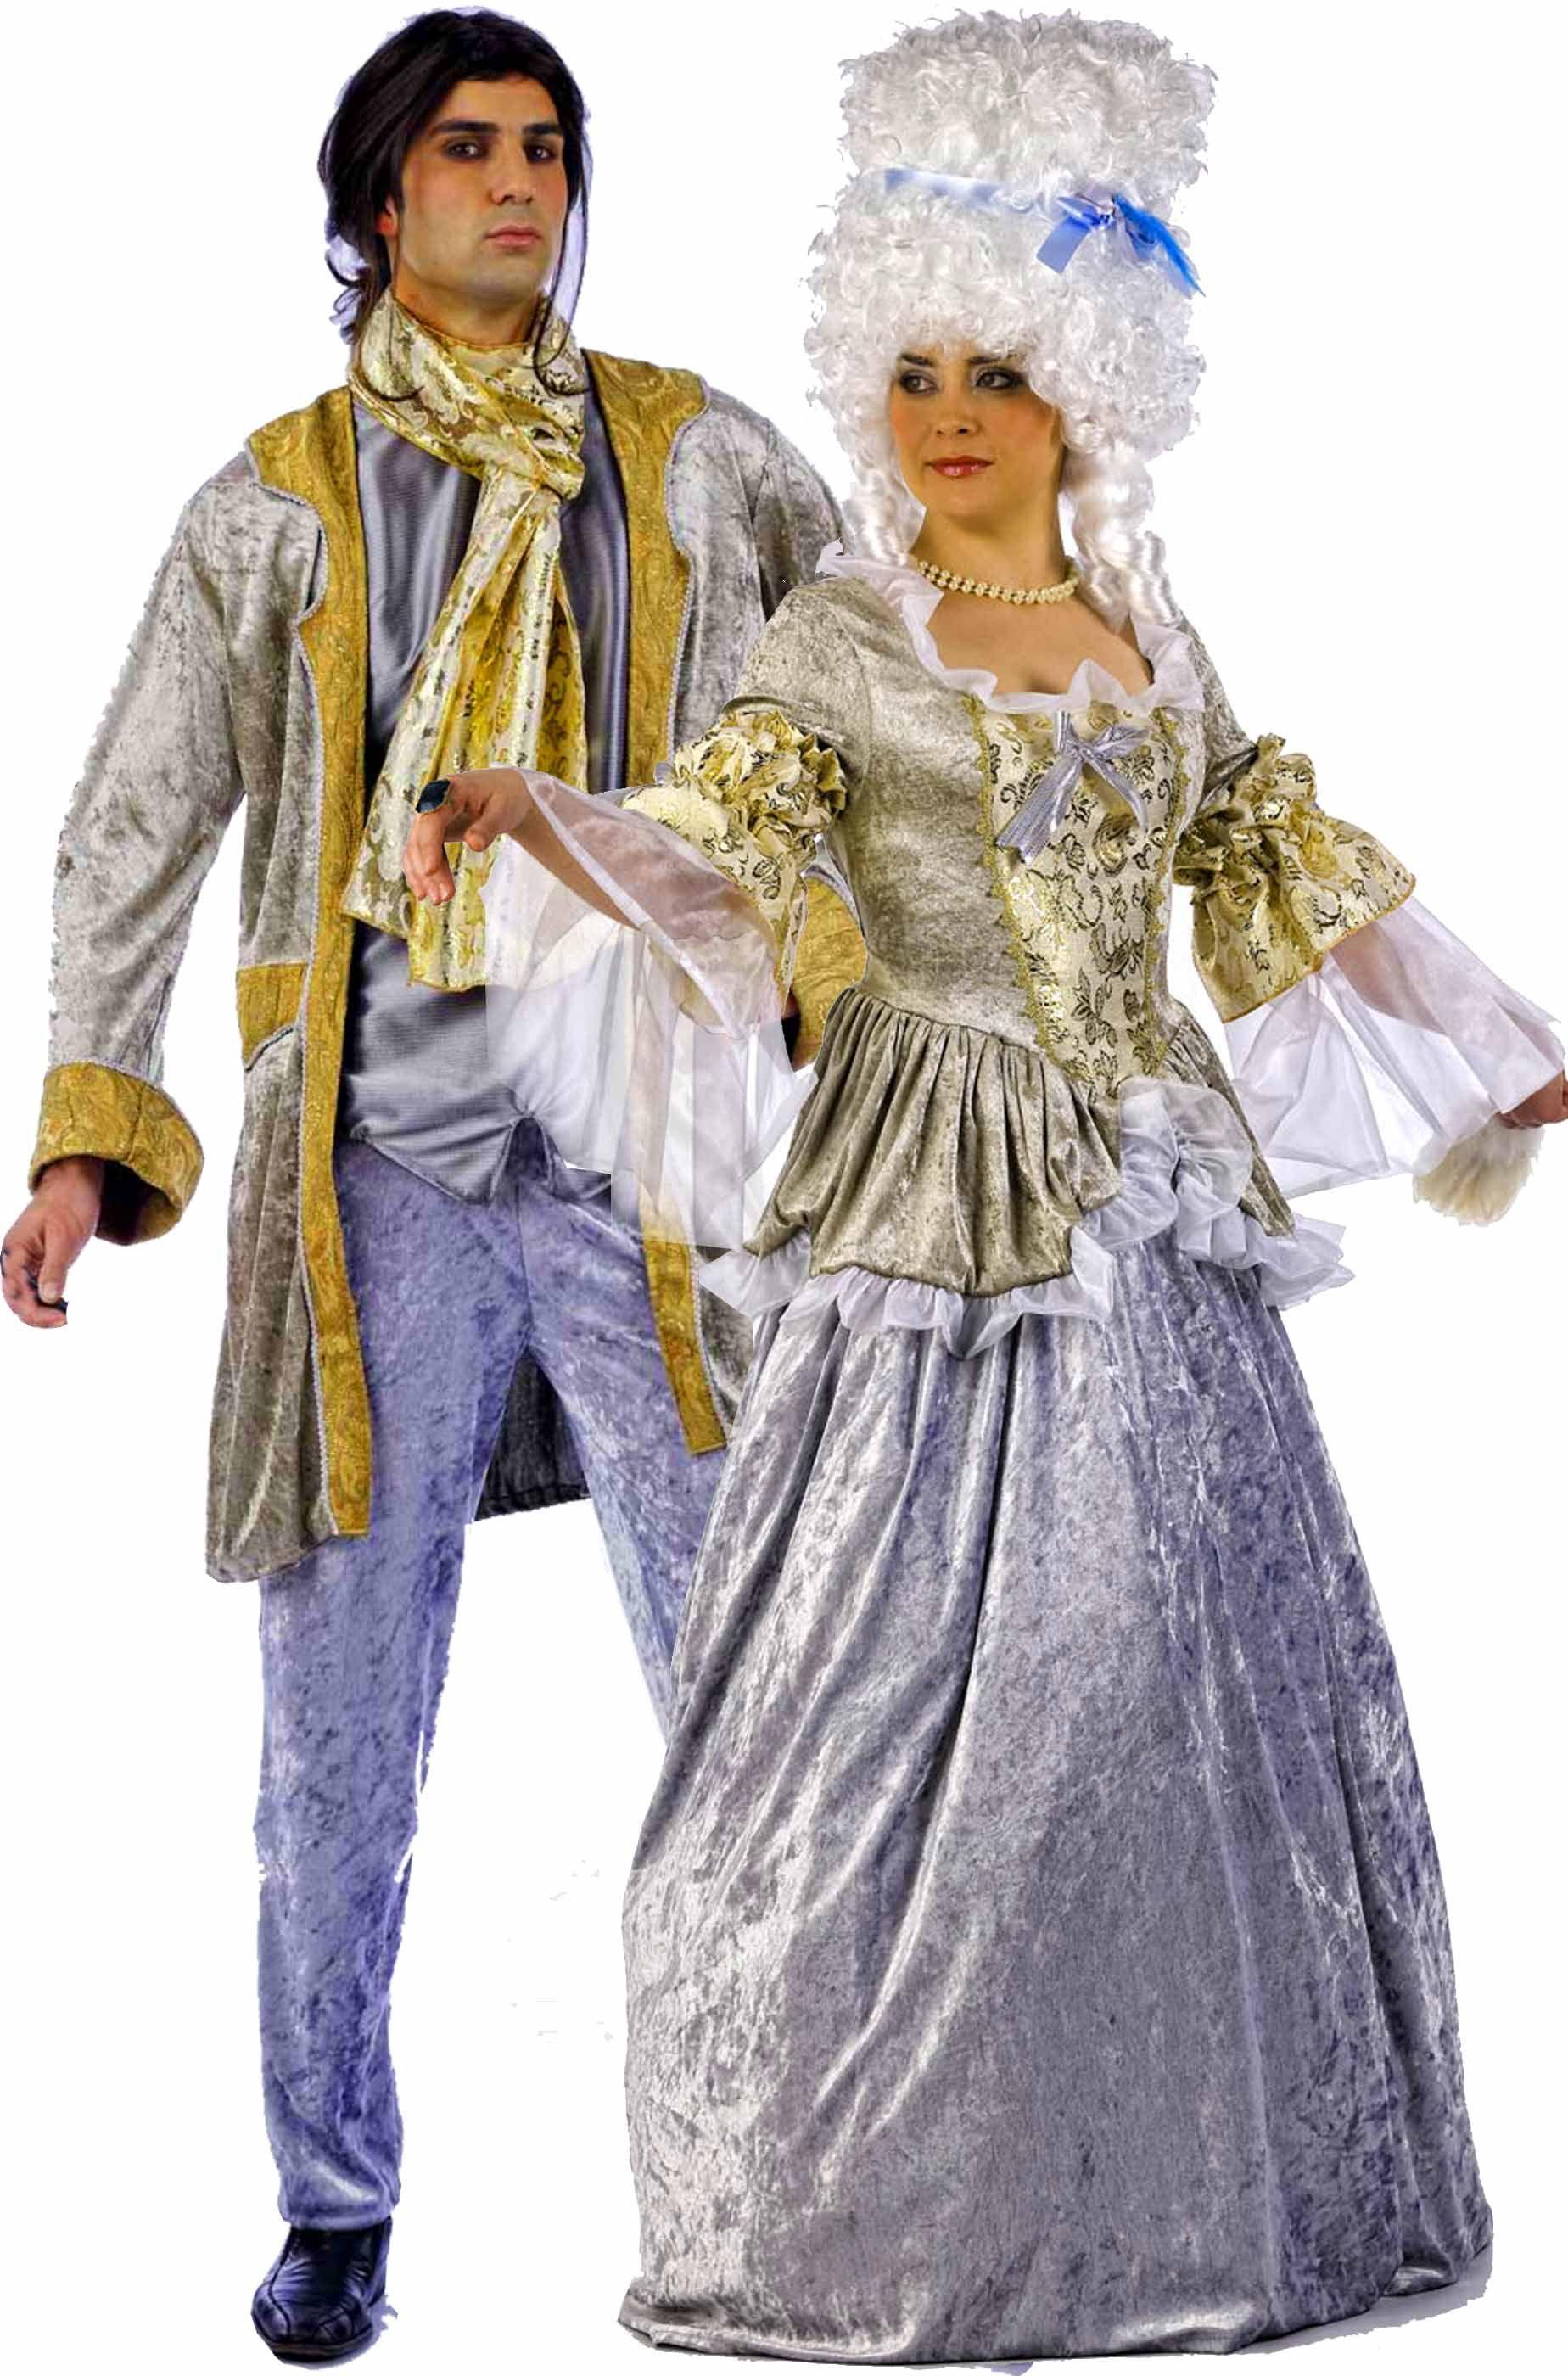 ORO marinai costume da pirata NUOVO-Uomo Carnevale Travestimento Costume